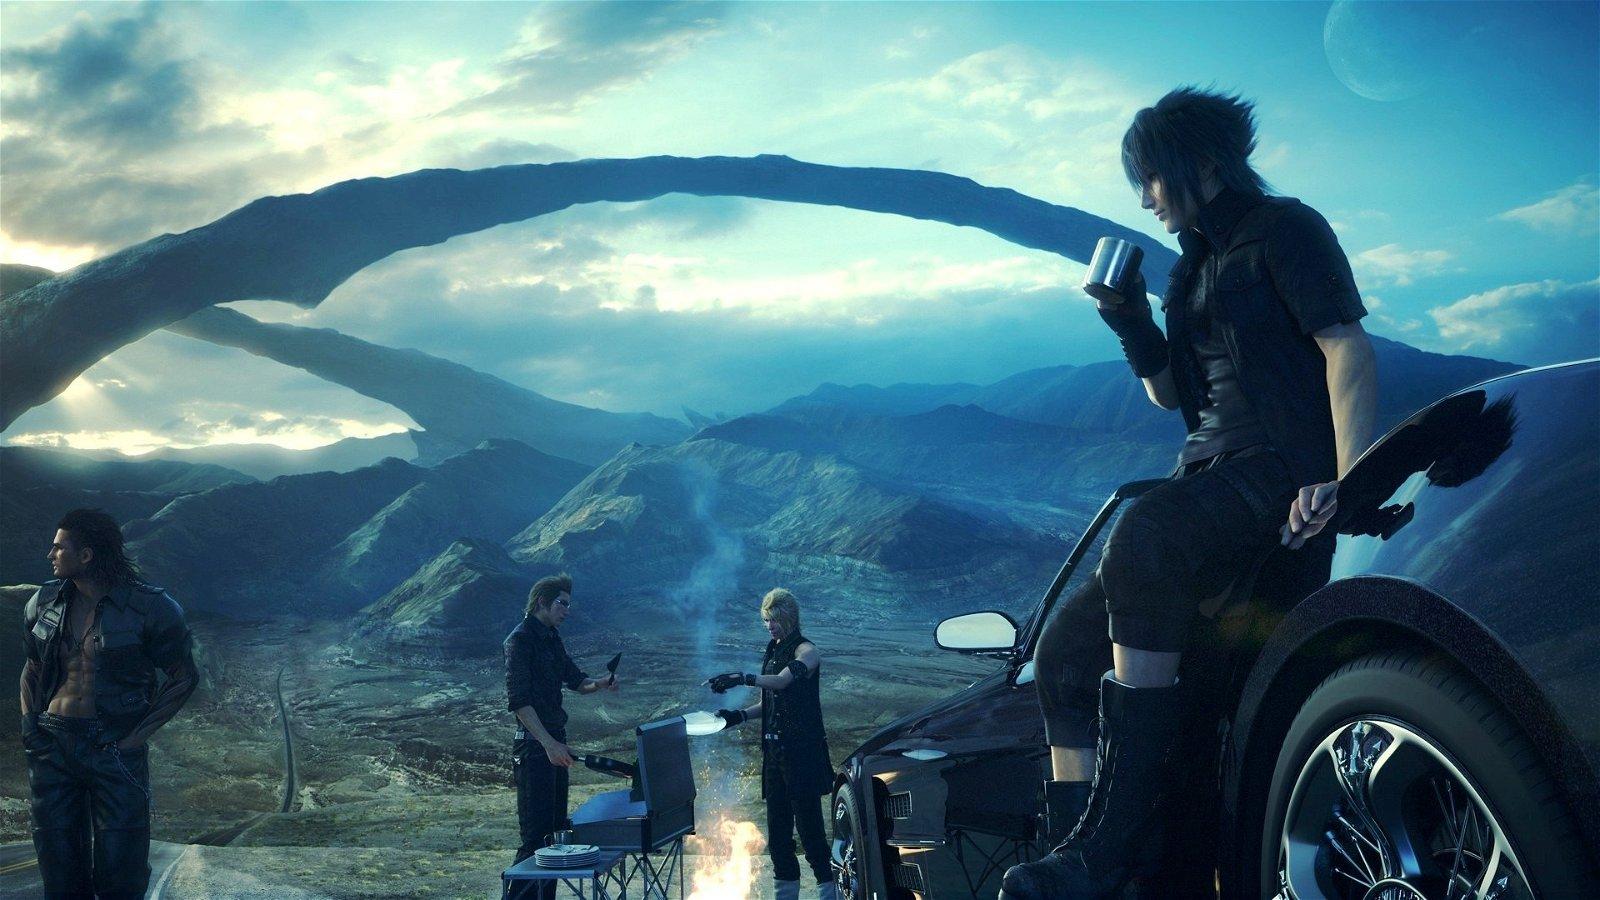 Final Fantasy XV Announces New Localizations